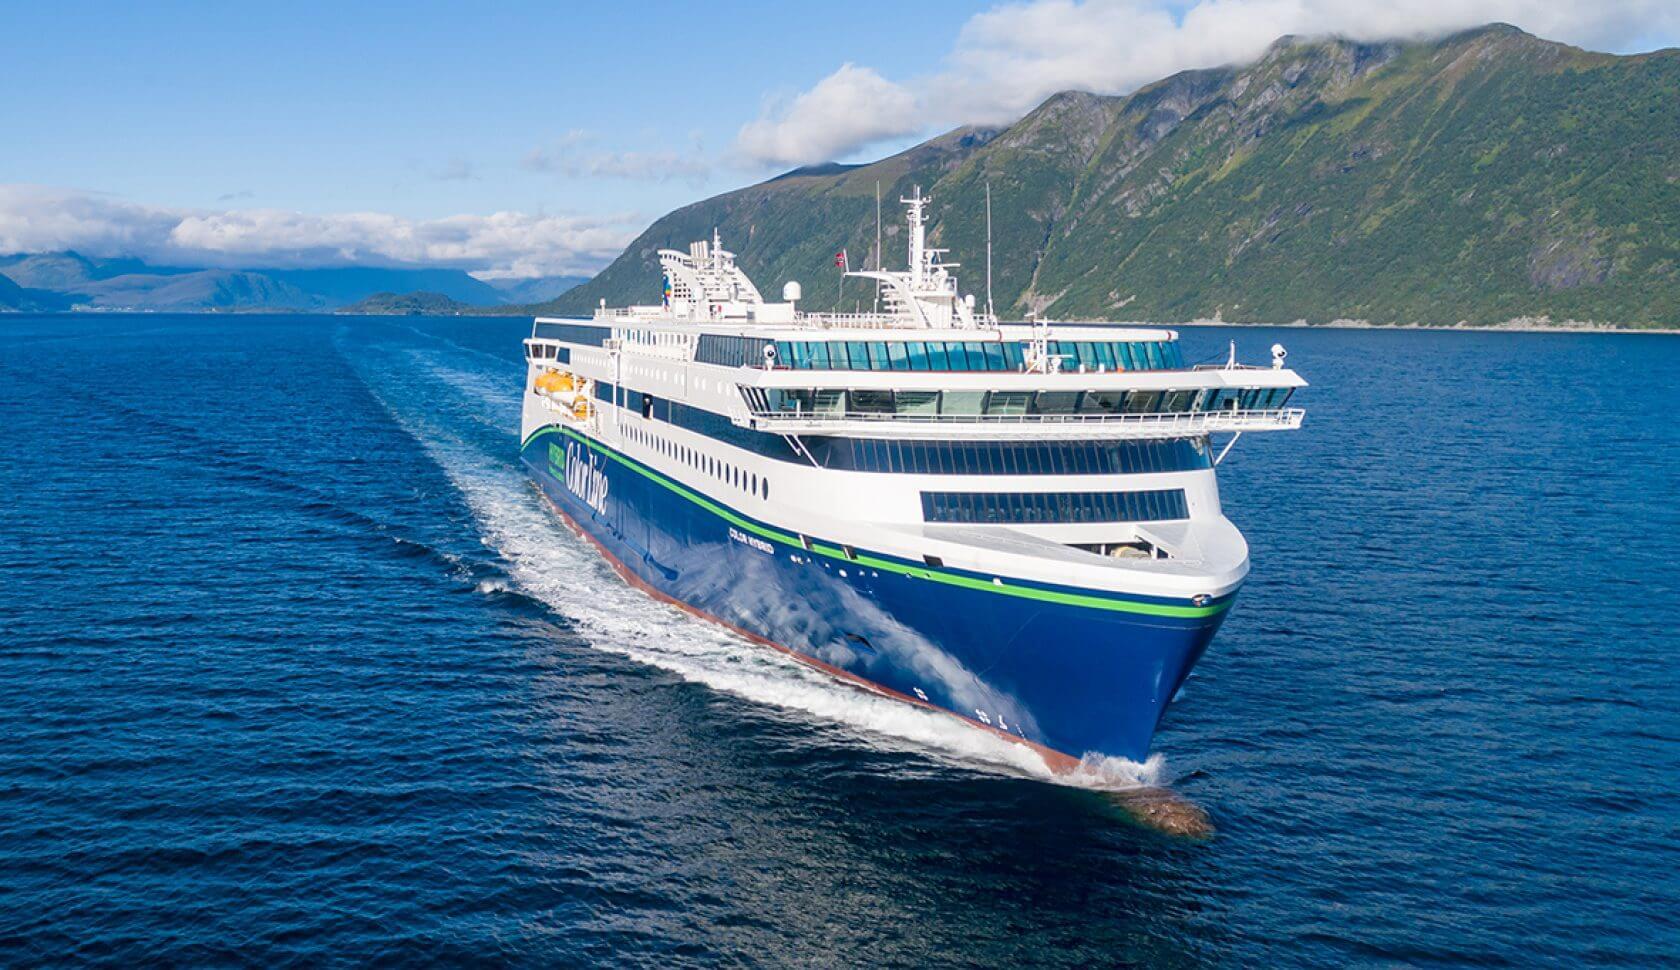 Представлено самое большое в мире гибридное судно с батареей на 5 МВт⋅ч